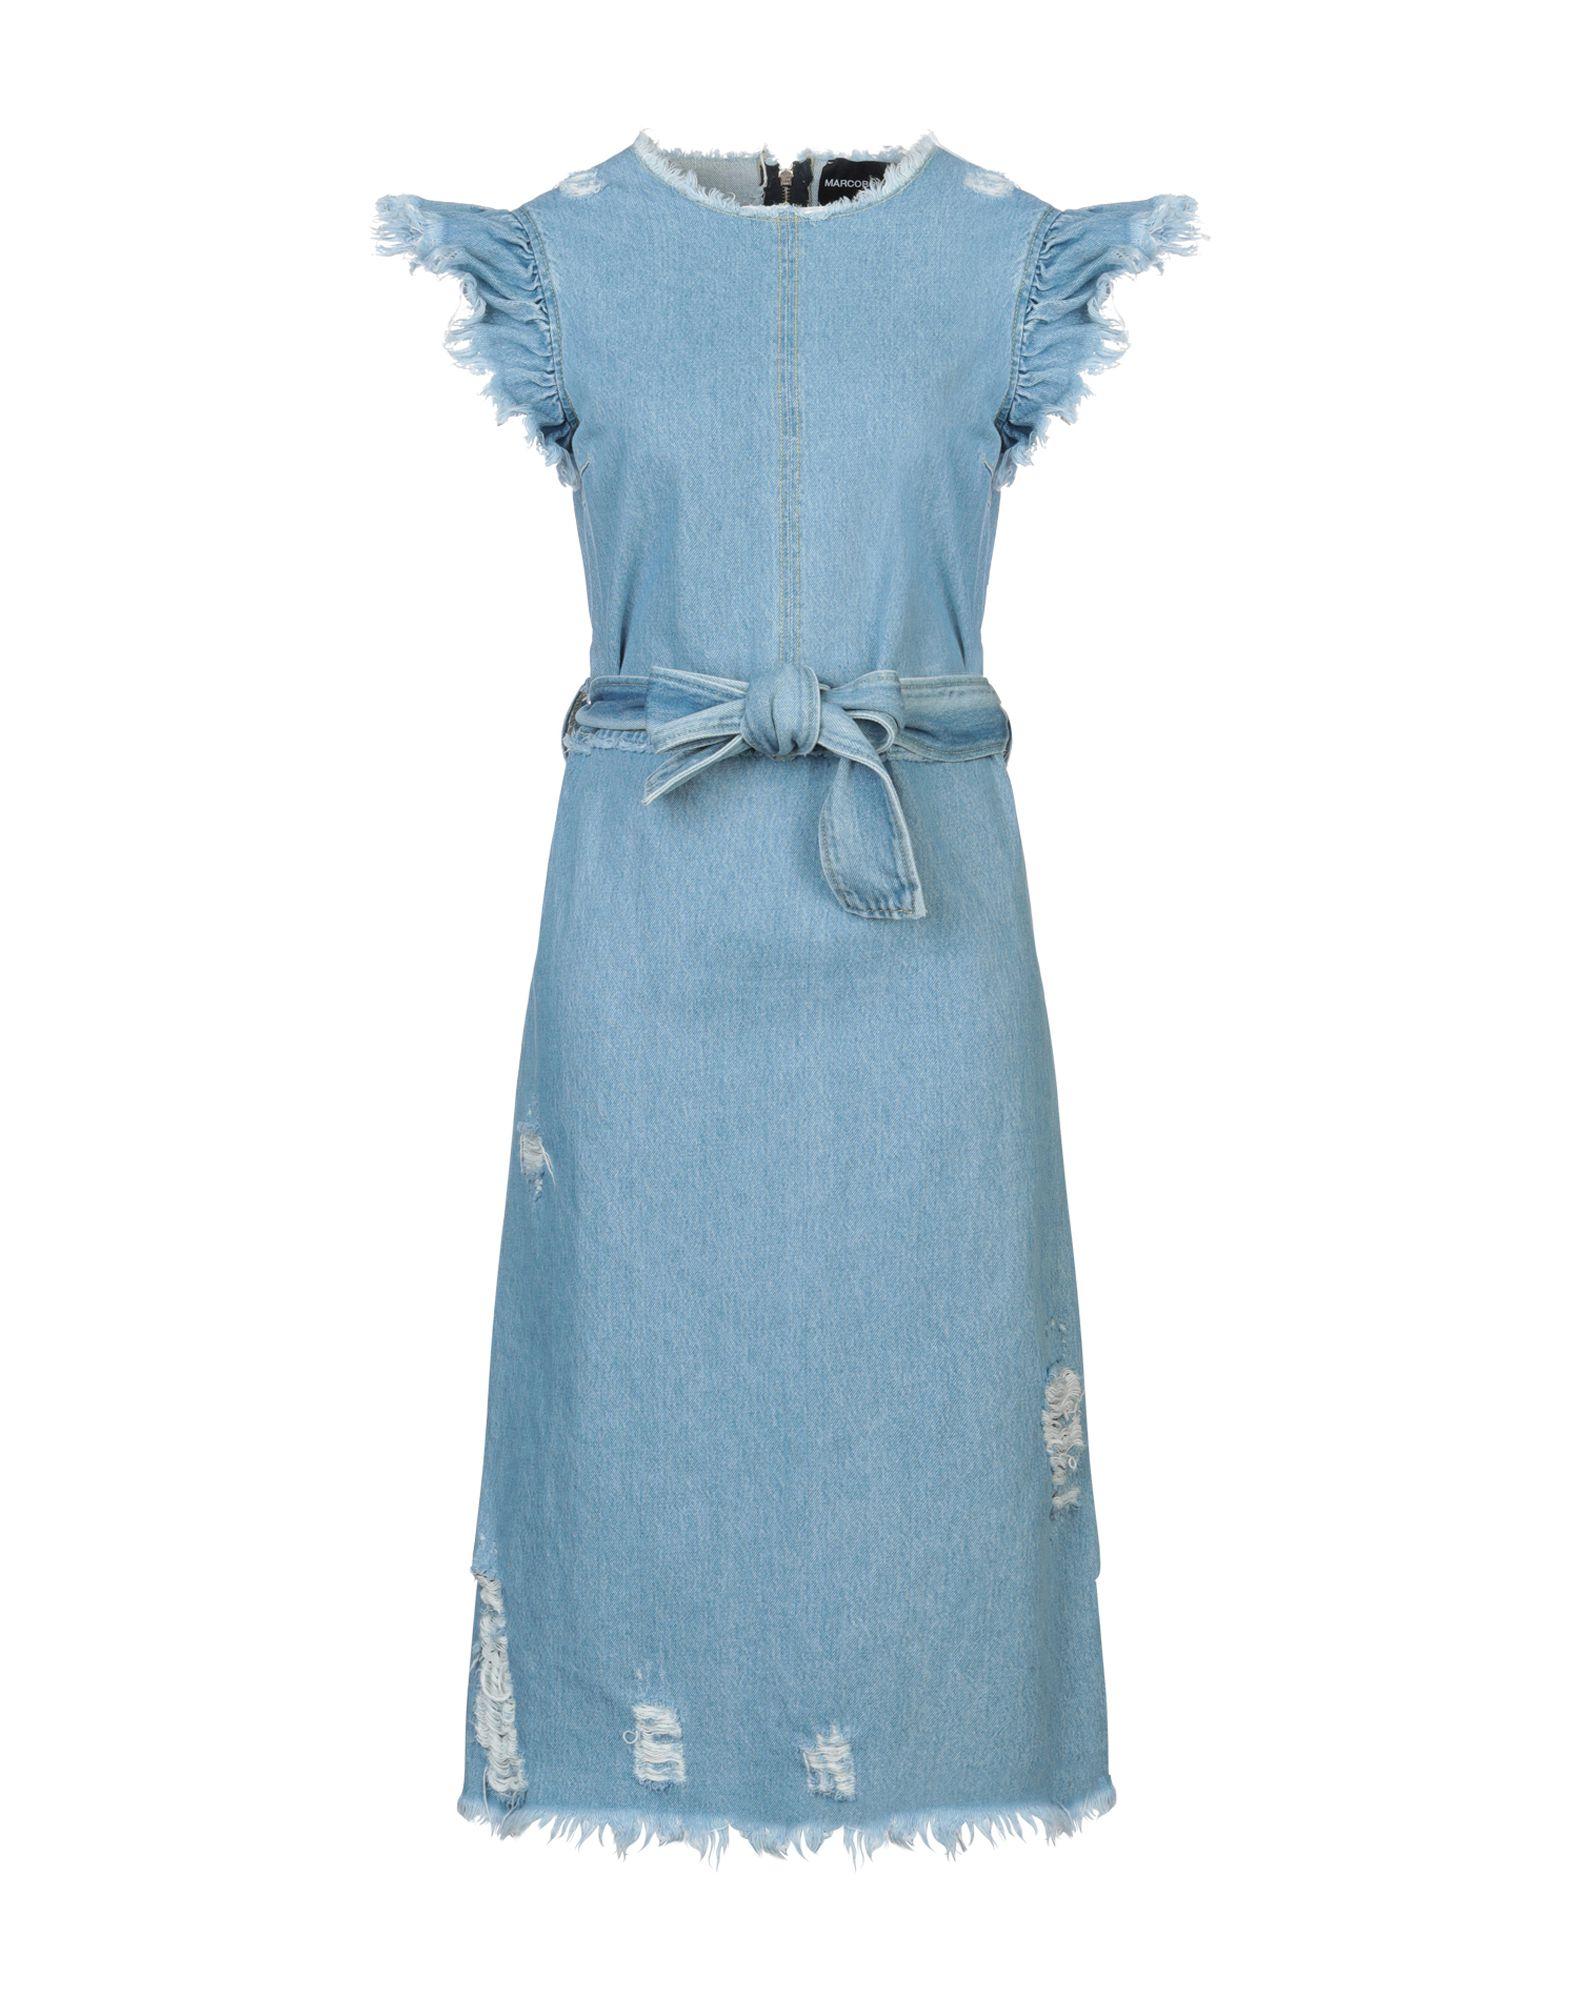 MARCO BOLOGNA Платье длиной 3/4 колпачок airline avc 04 с защитным манжетом